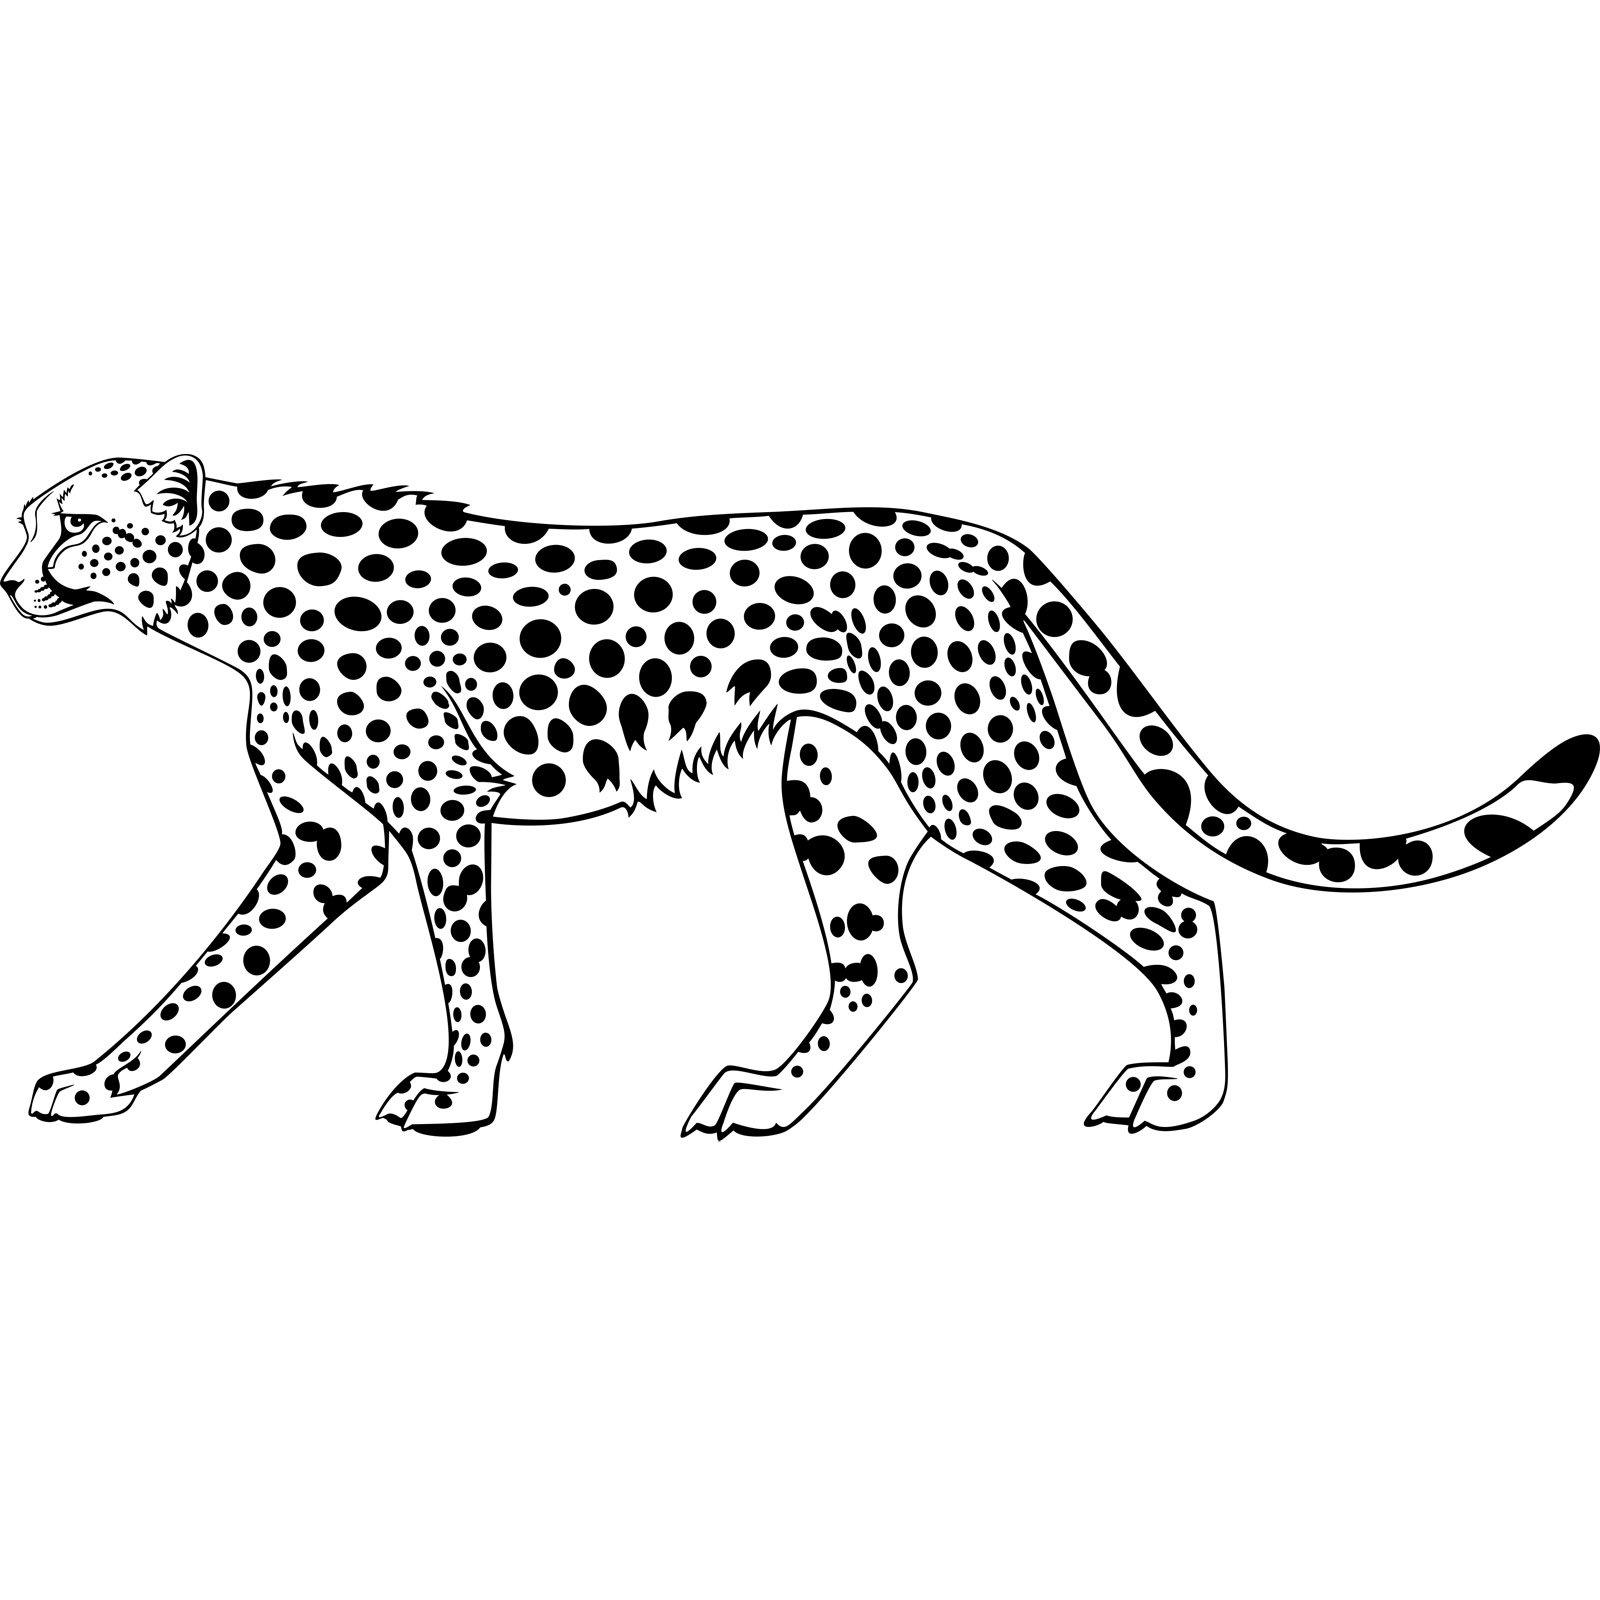 Leopard Big Cat Wall Sticker Decal